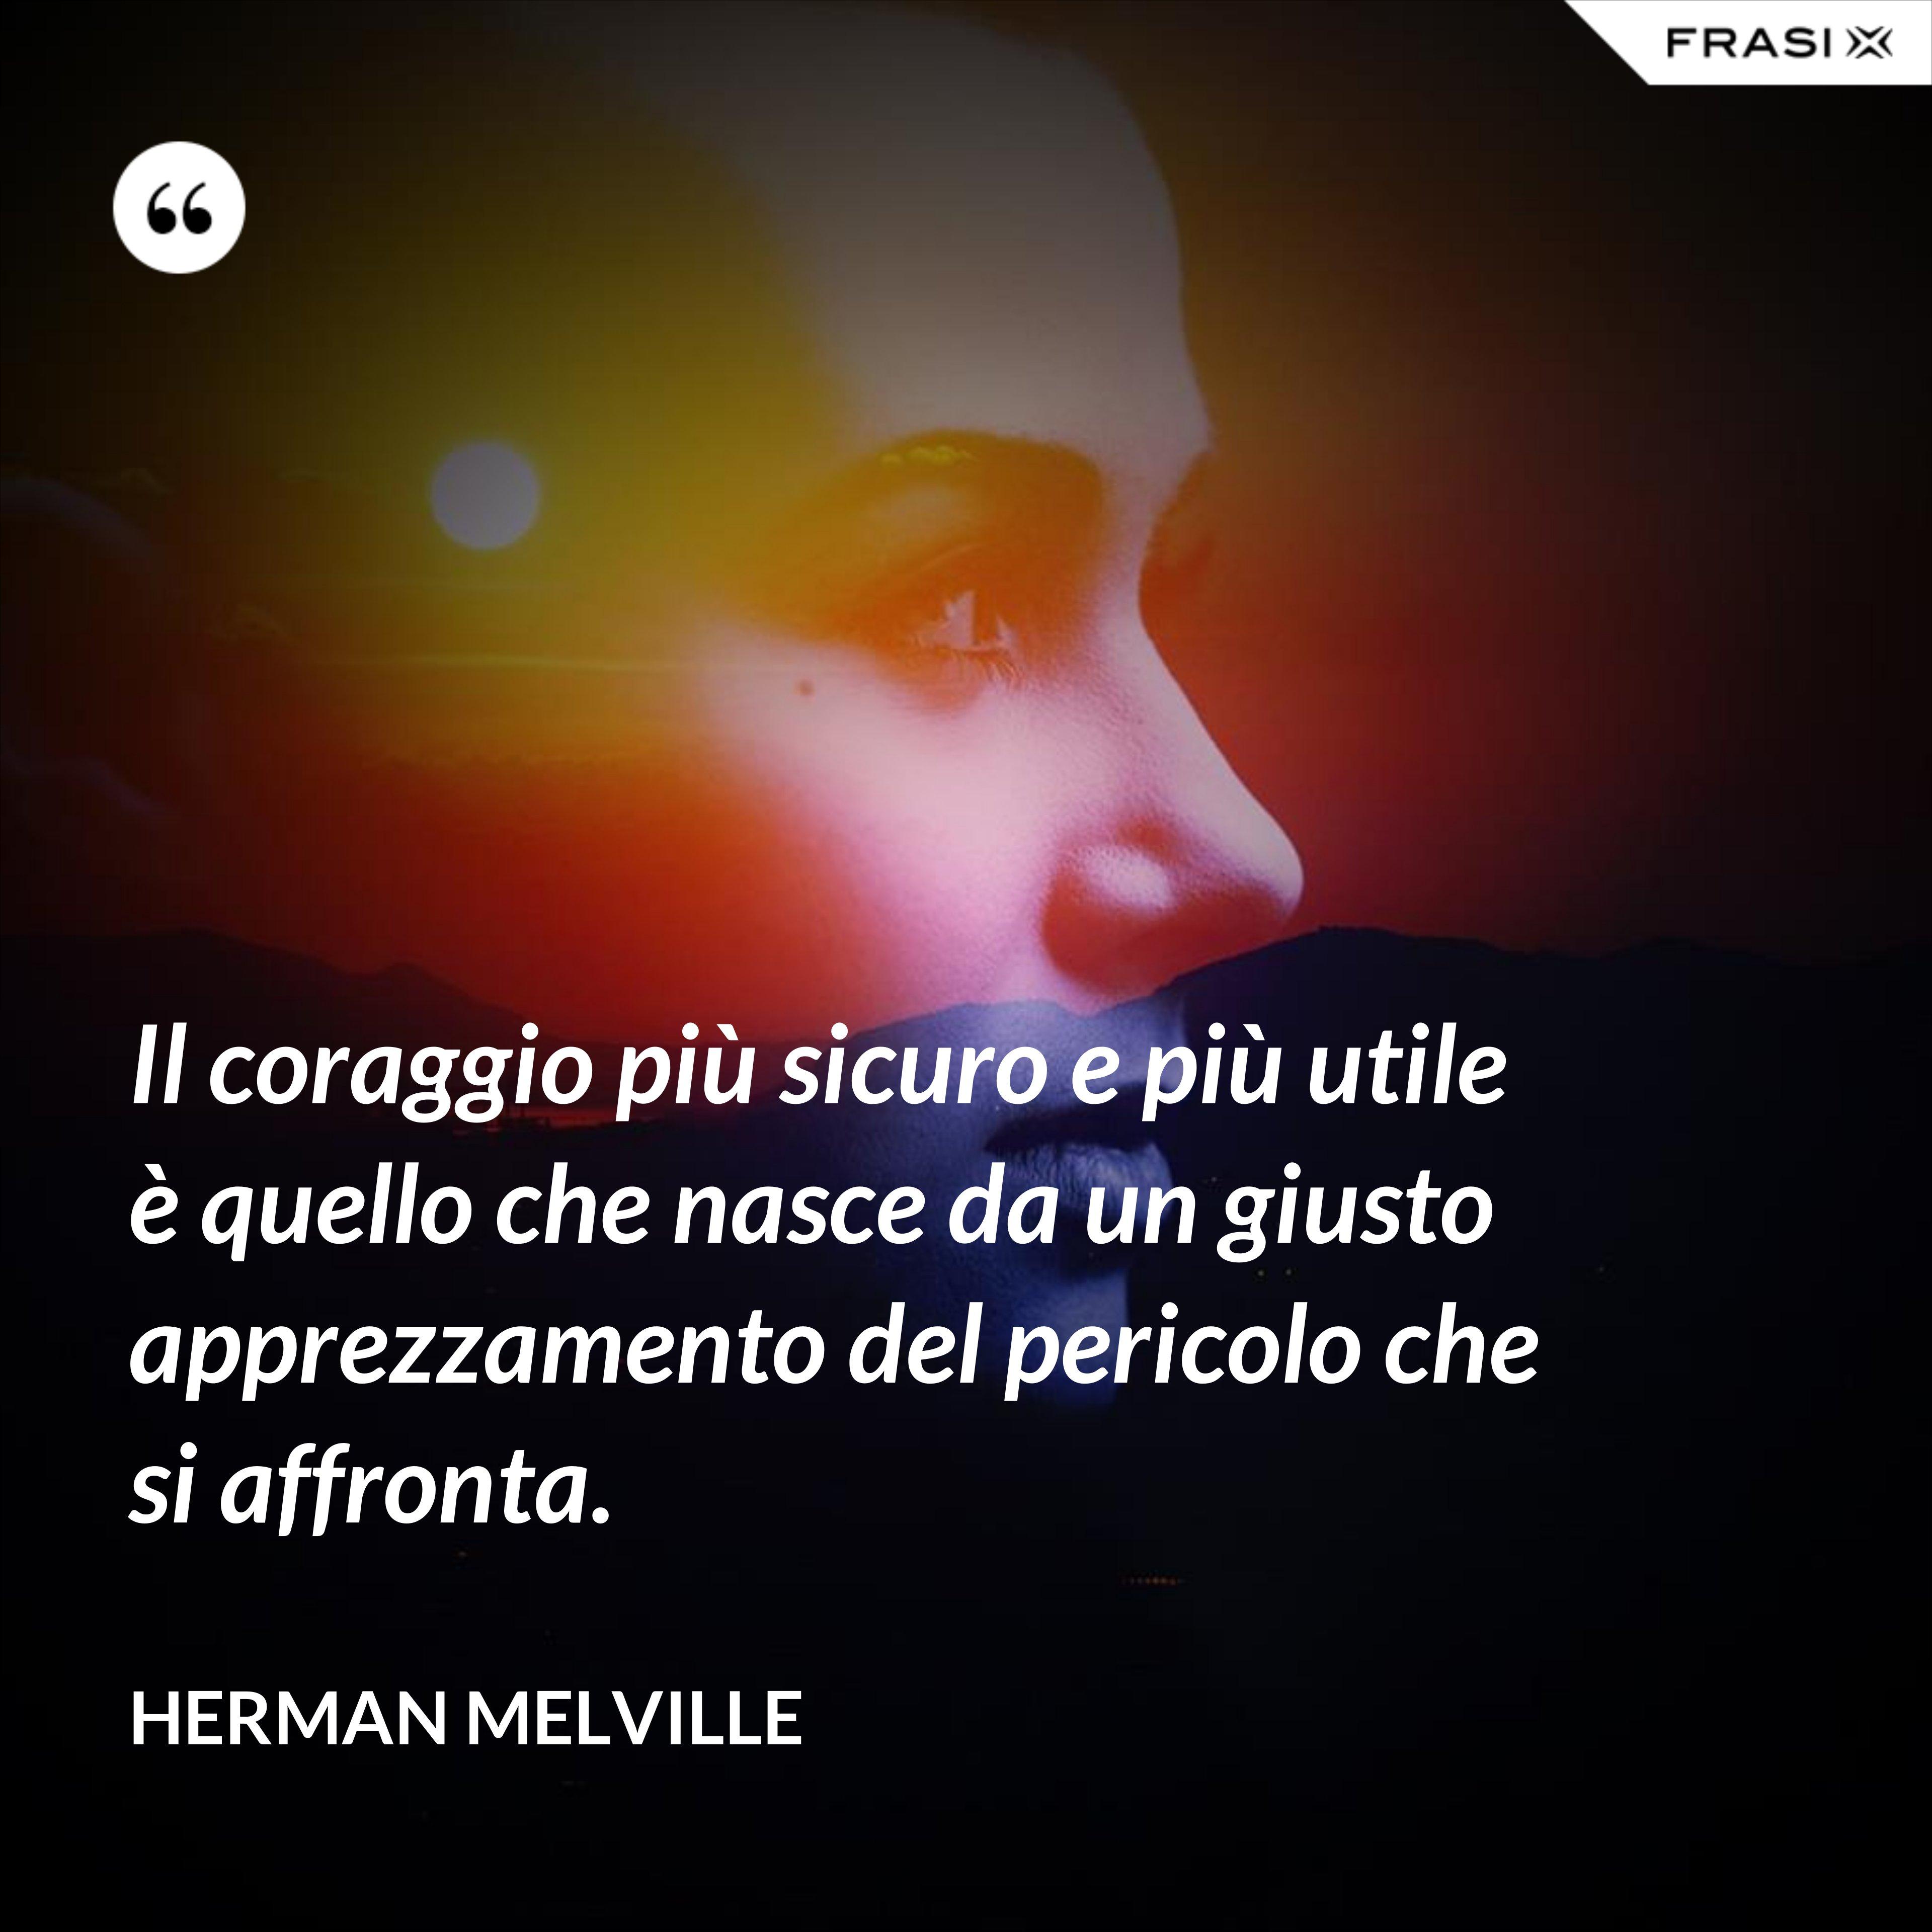 Il coraggio più sicuro e più utile è quello che nasce da un giusto apprezzamento del pericolo che si affronta. - Herman Melville